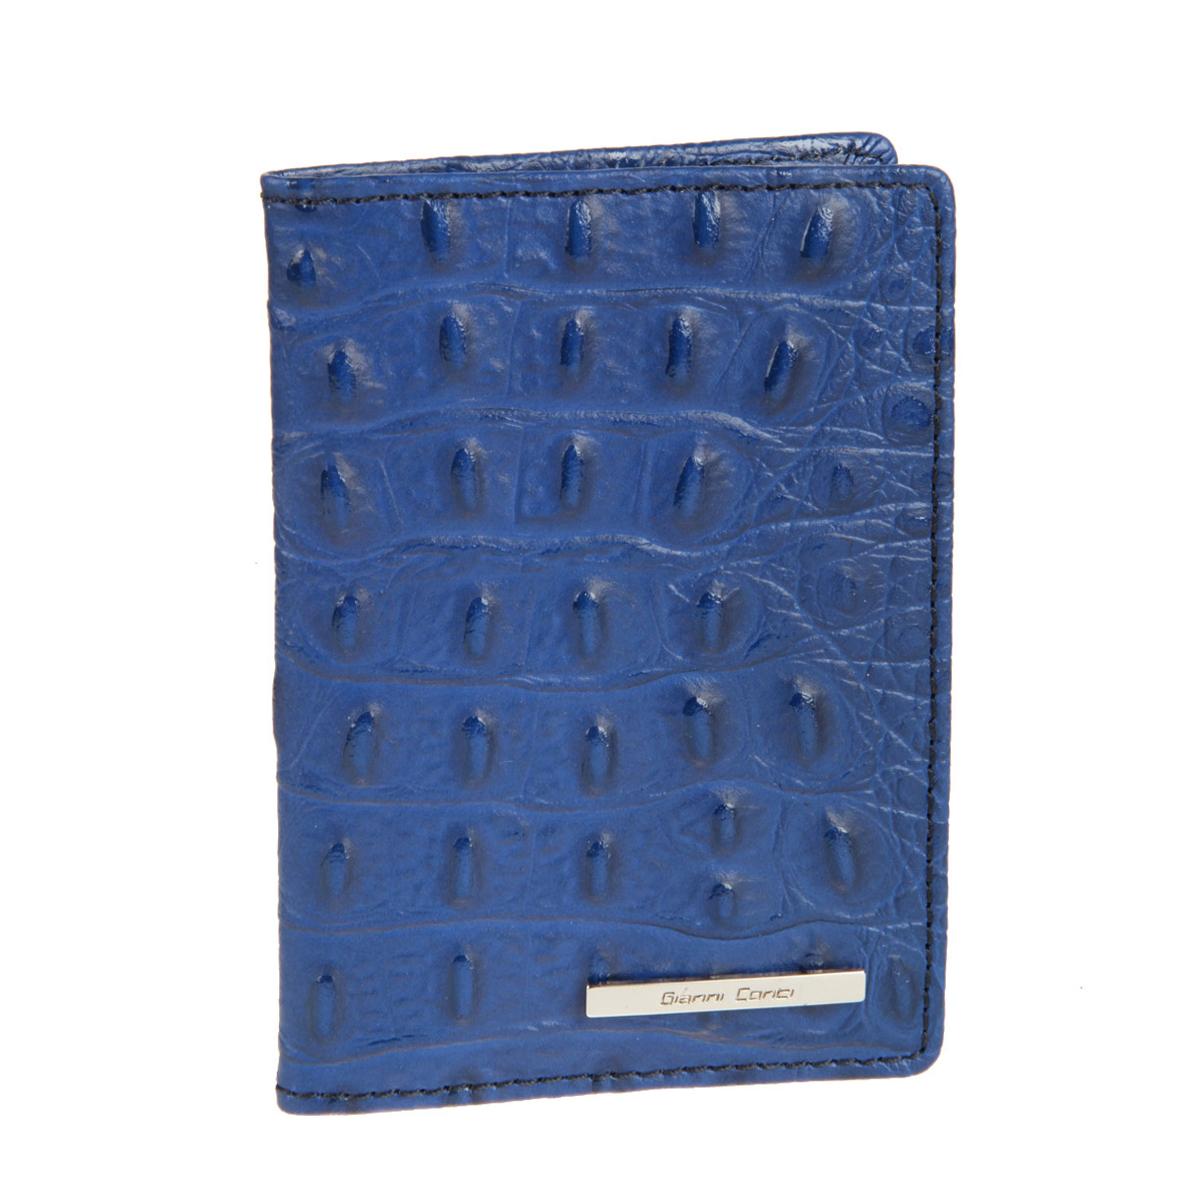 Обложка для паспорта Gianni Conti, цвет: синий. 19374551937455 blue/indigoСтильная обложка Gianni Conti выполнена из натуральной кожи с фактурным тиснением под крокодила и оформлена металлической пластинкой с надписью в виде логотипа бренда. На внутреннем развороте справа расположено шесть кармашков для пластиковых карт и визиток. Ширина левого разворота 3 см, правого 7 см. Оба разворота изготовлены из натуральной кожи. Такая обложка не только поможет сохранить внешний вид ваших документов и защитит их от повреждений, но и станет ярким аксессуаром, который подчеркнет ваш образ. Обложка упакована в подарочную картонную коробку желтого цвета с логотипом фирмы.